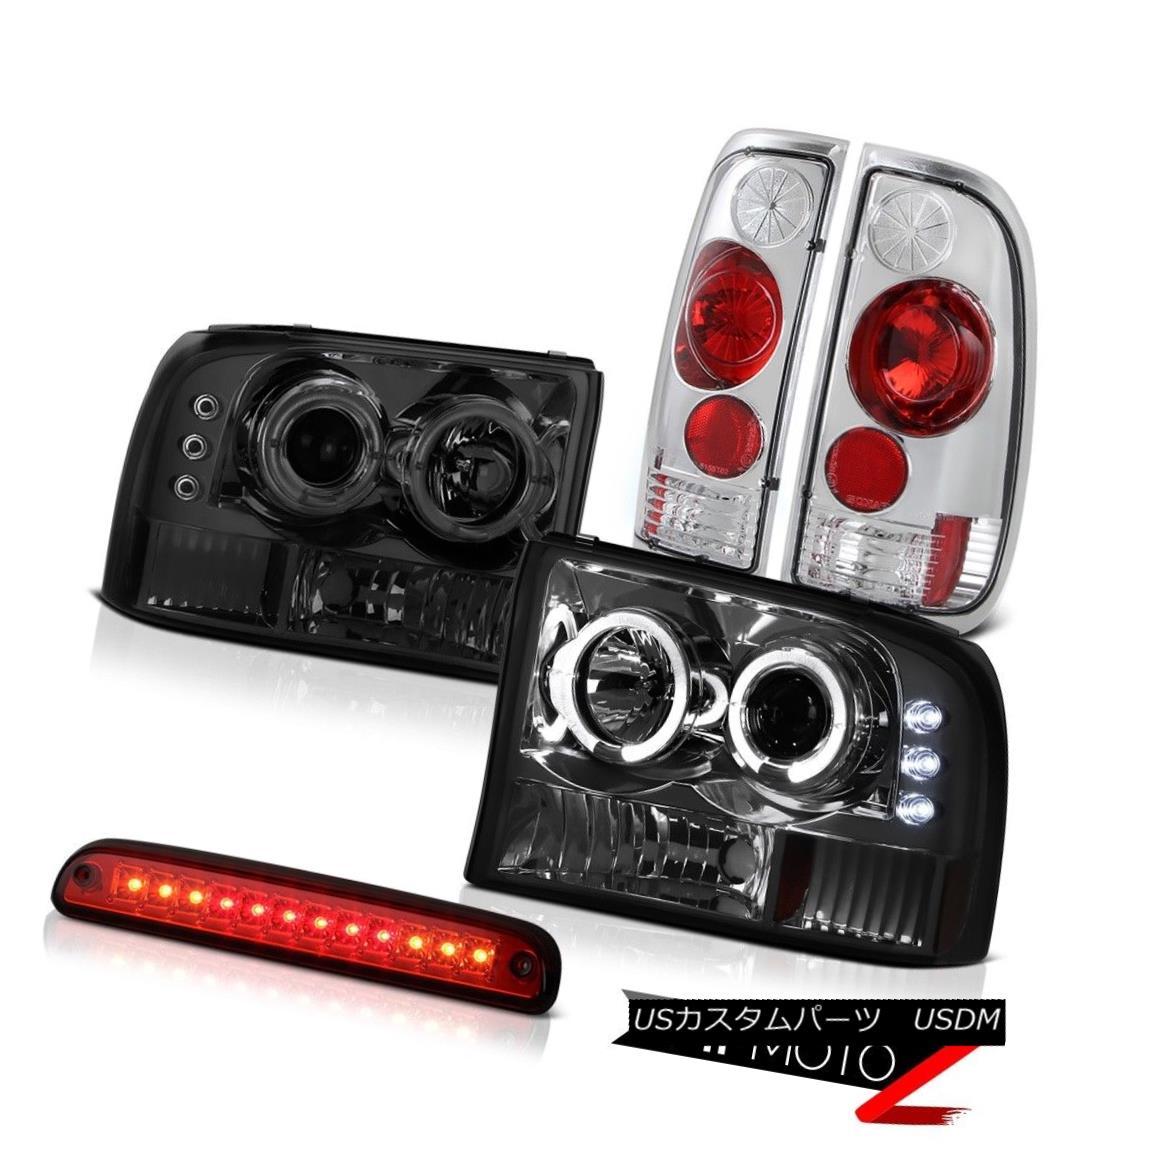 ヘッドライト Pair Smoke DRL Headlights Third Brake Red LED Rear Lights 1999-2004 F250 XLT ペアの煙DRLヘッドライト第3ブレーキ赤LEDバックライト1999-2004 F250 XLT